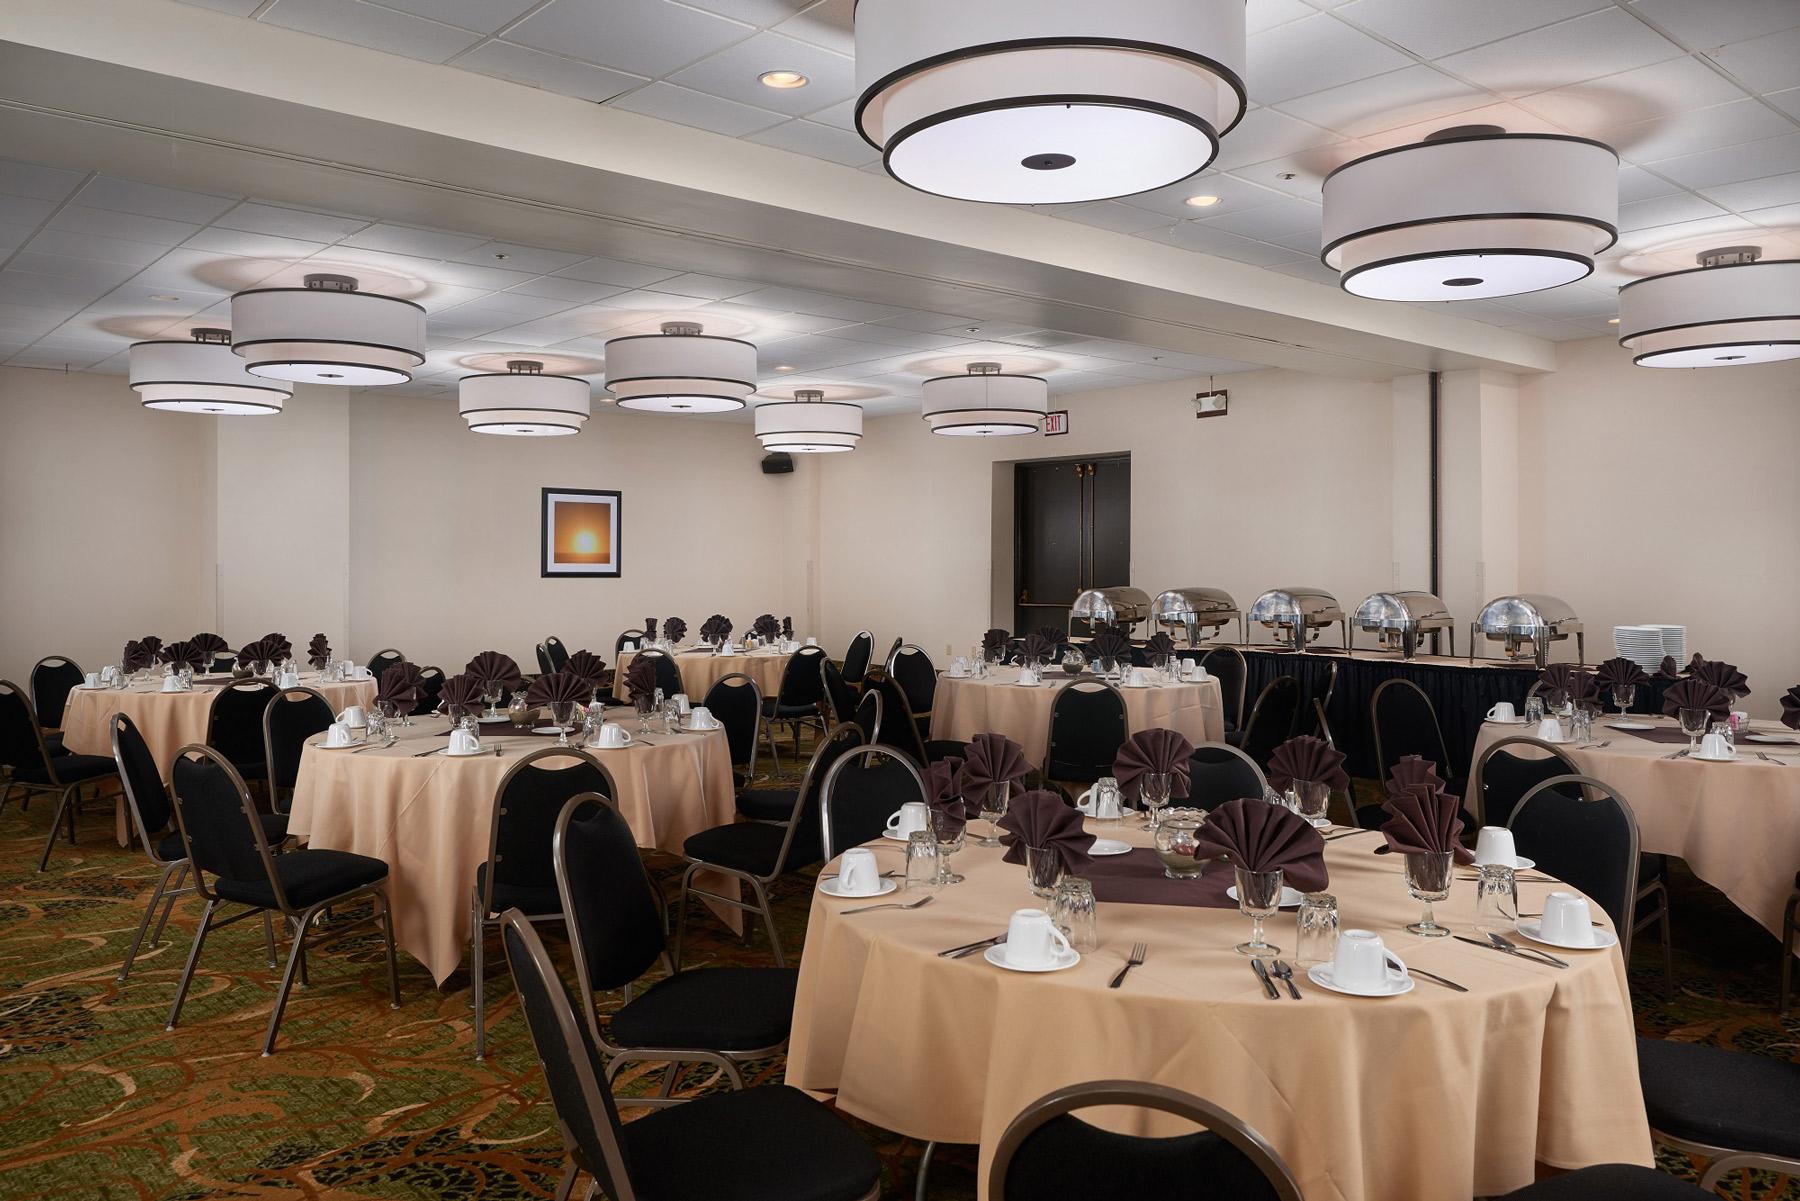 G7-Banquet-Room_DSC2418-small-pixel.jpg